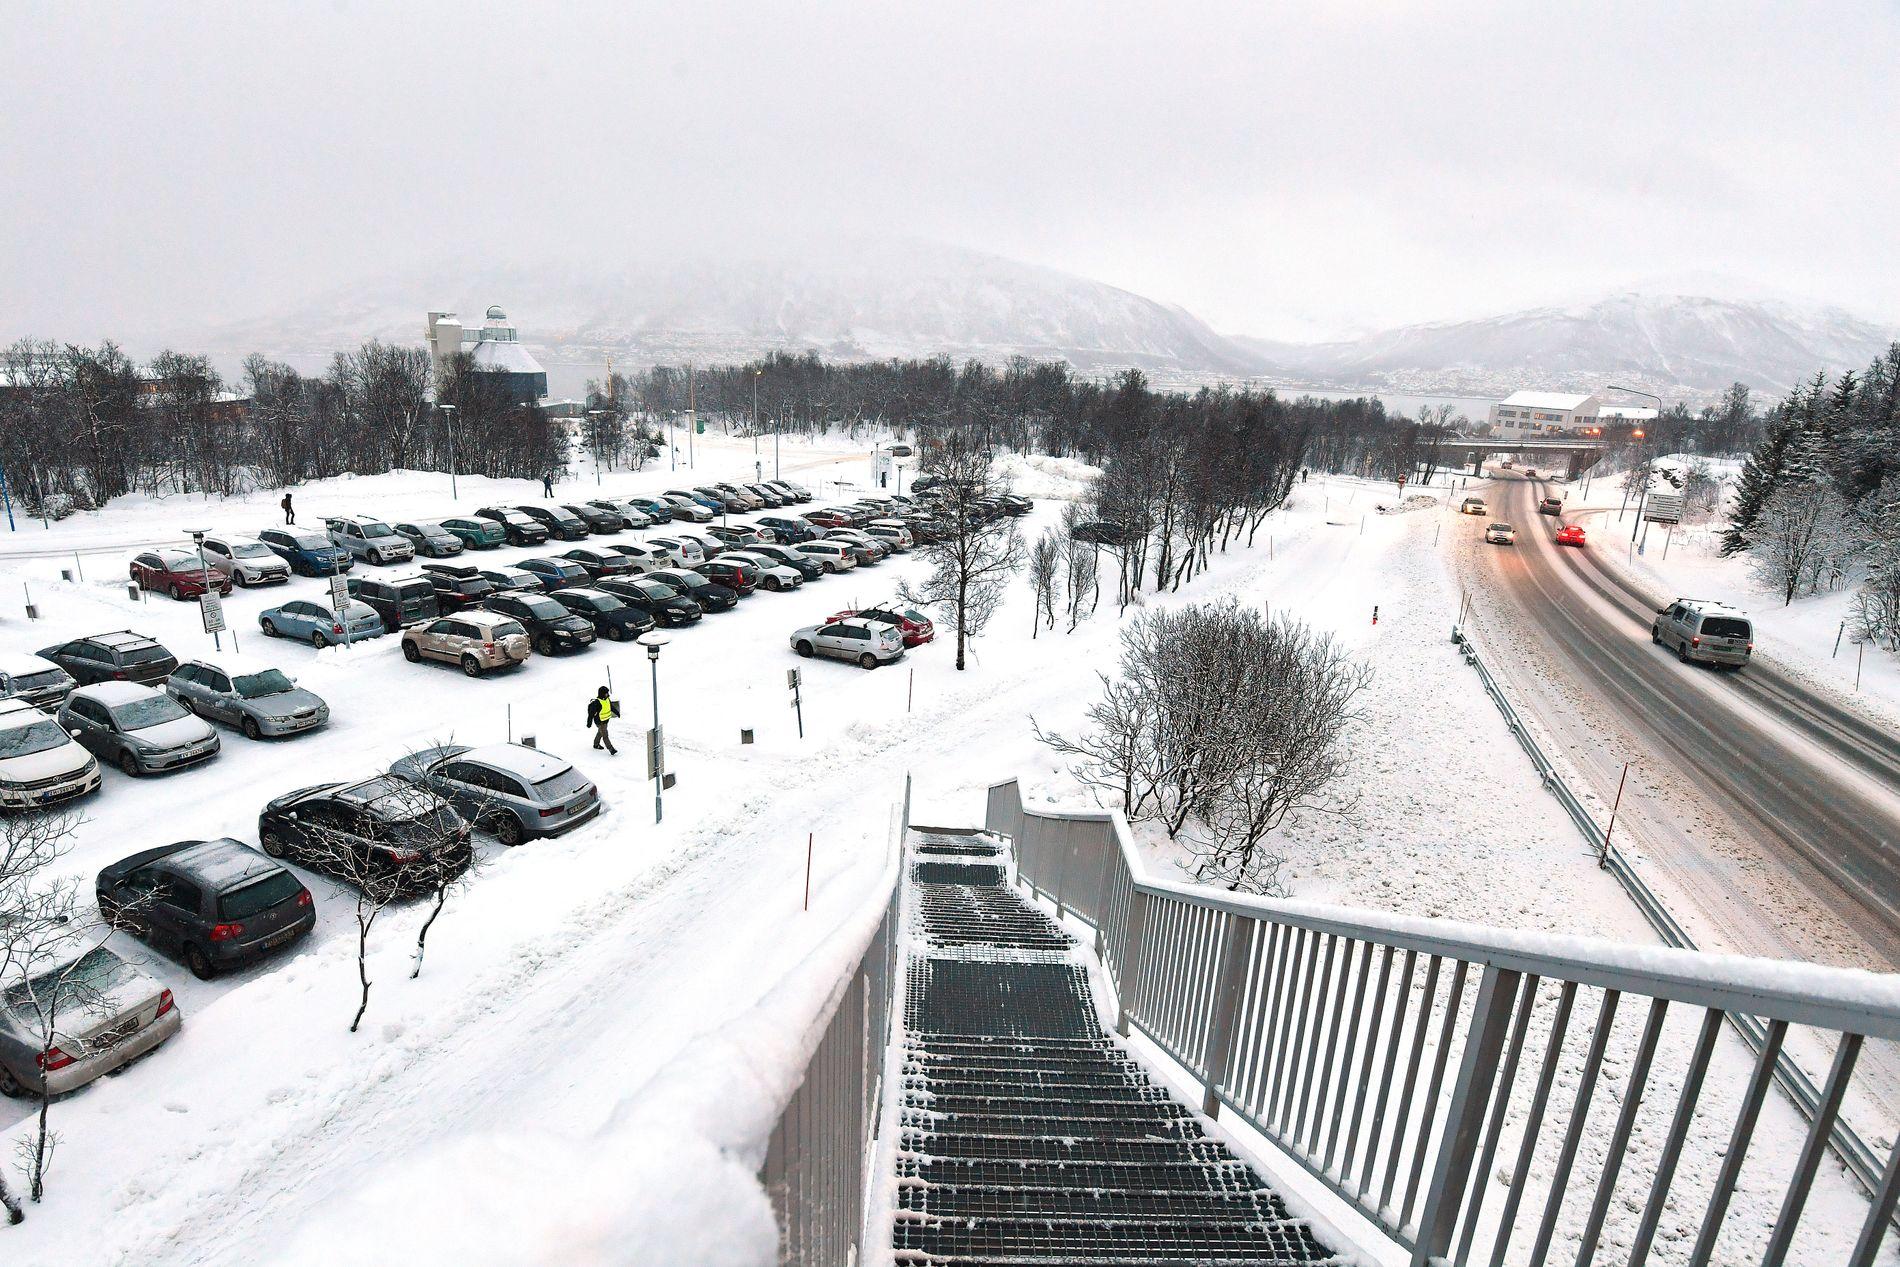 PARKERINGSPLASS: På denne parkeringsplassen like ved Universitetet i Tromsø mener påtalemyndigheten av Ludvigsen skal ha forgrepet seg mot mannen i 30-årene.